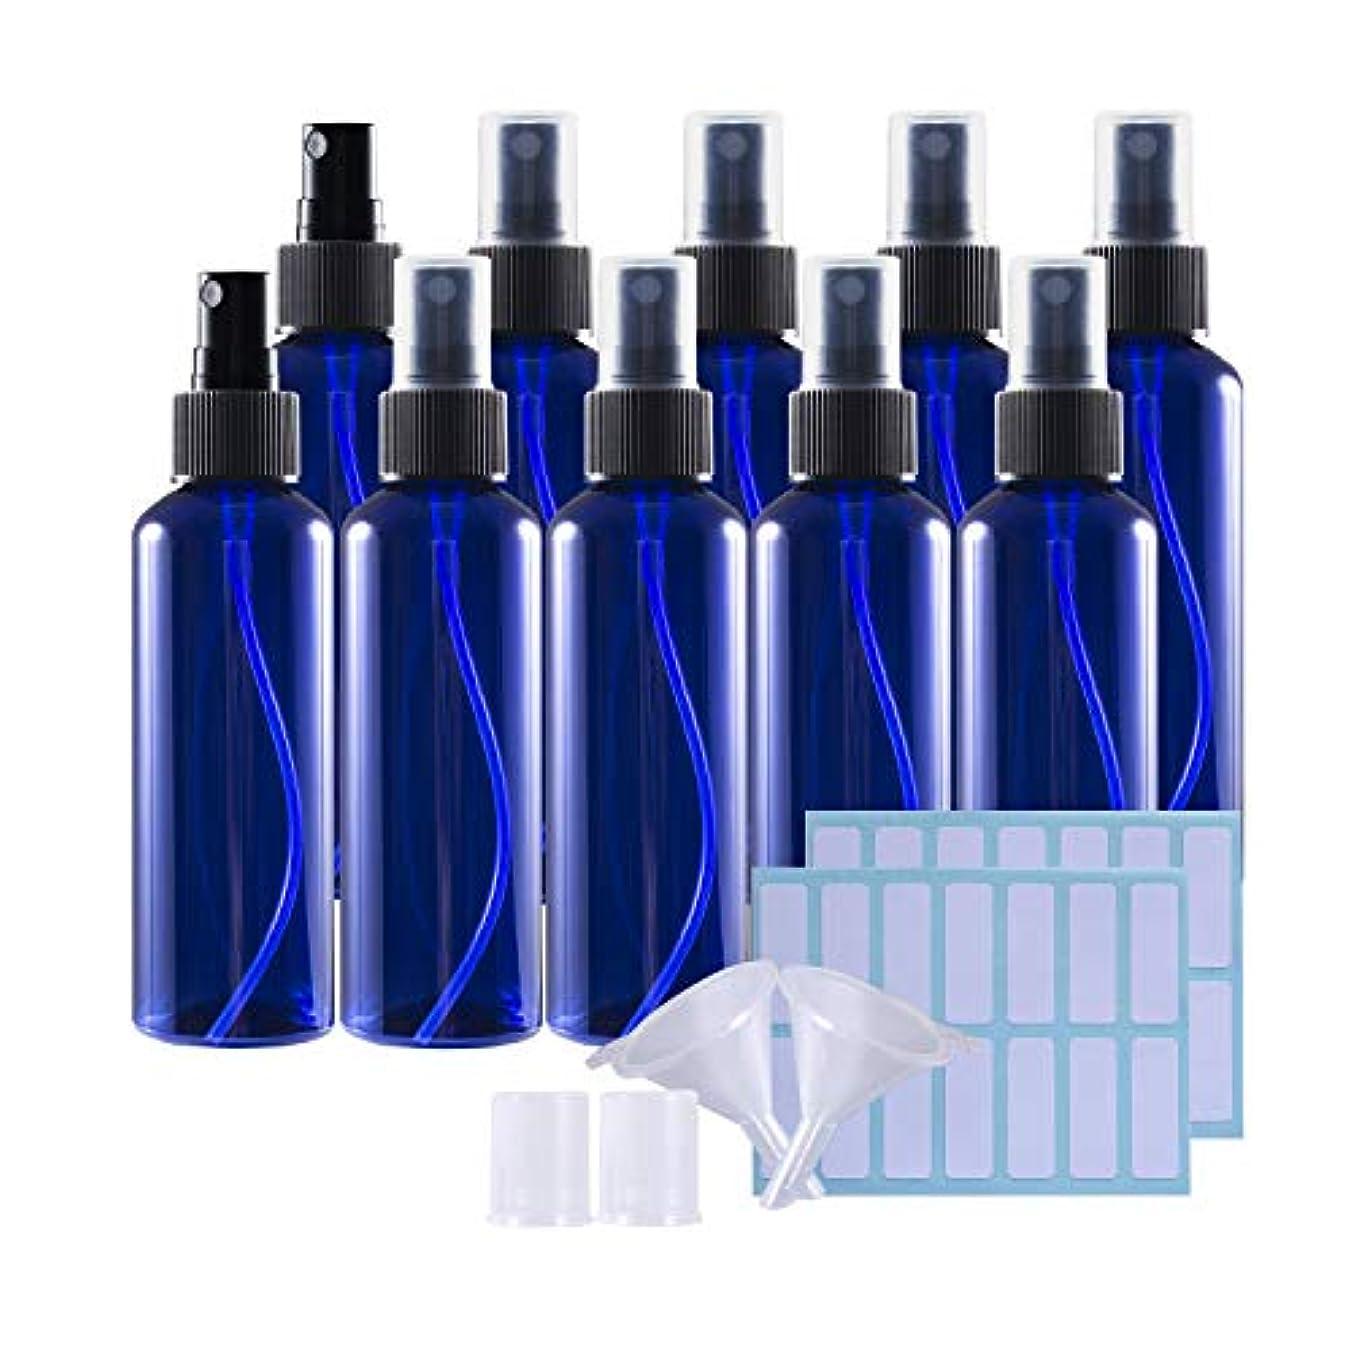 買う外部大砲100mlスプレーボトル 10個セット遮光瓶 小分けボトル プラスチック容器 液体用空ボトル 押し式詰替用ボトル 詰め替え シャンプー クリーム 化粧品 収納瓶